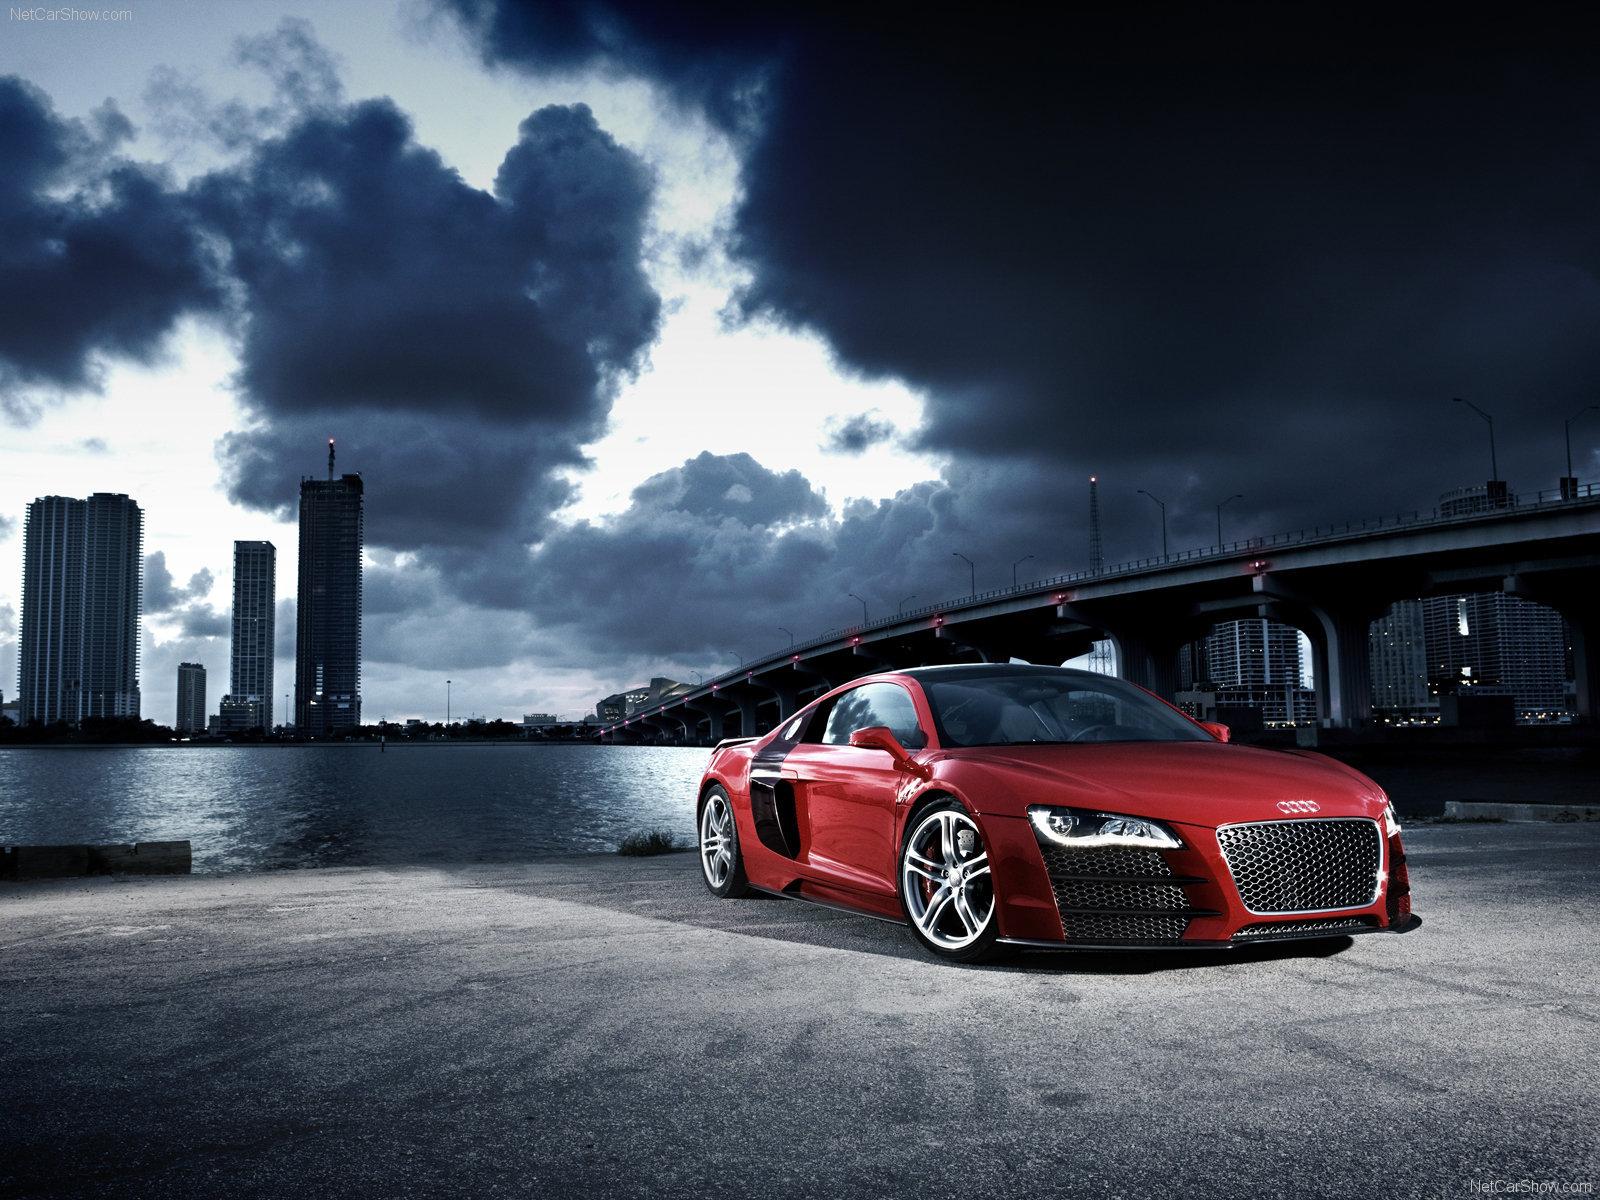 11624 скачать обои Транспорт, Машины, Ауди (Audi) - заставки и картинки бесплатно